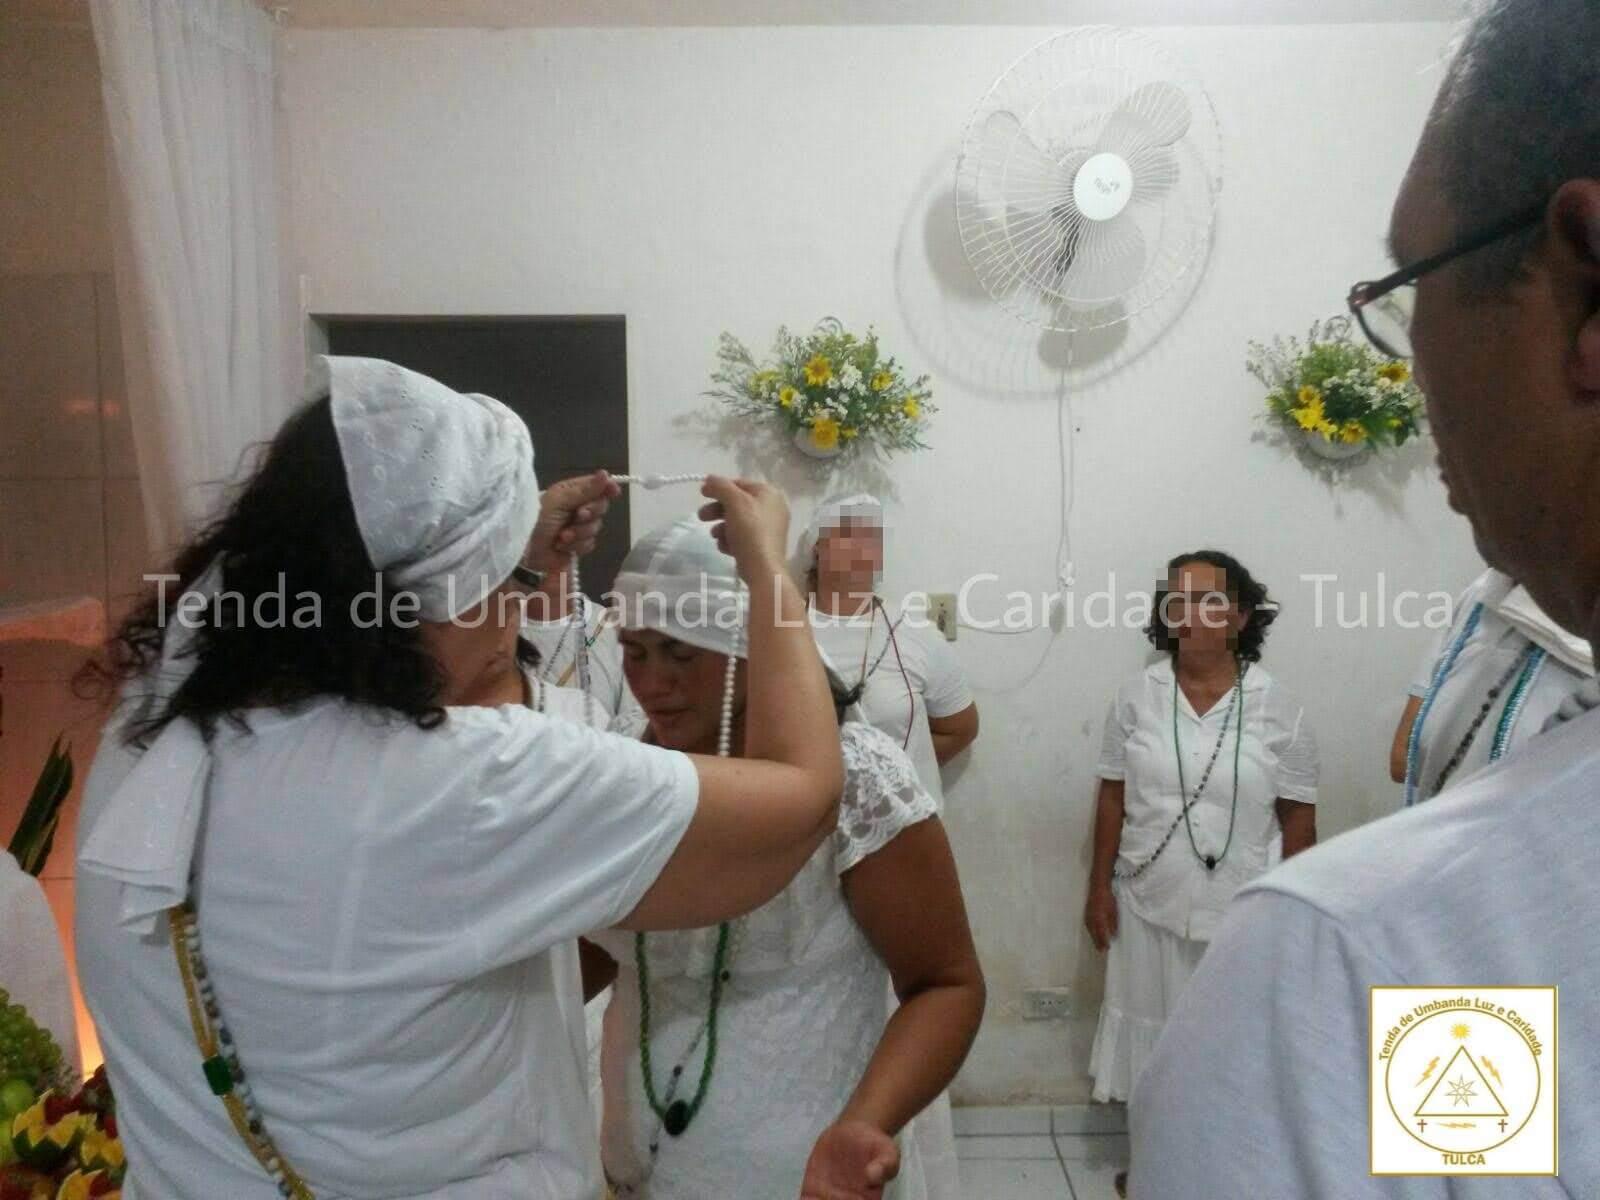 Batismo na Tulca